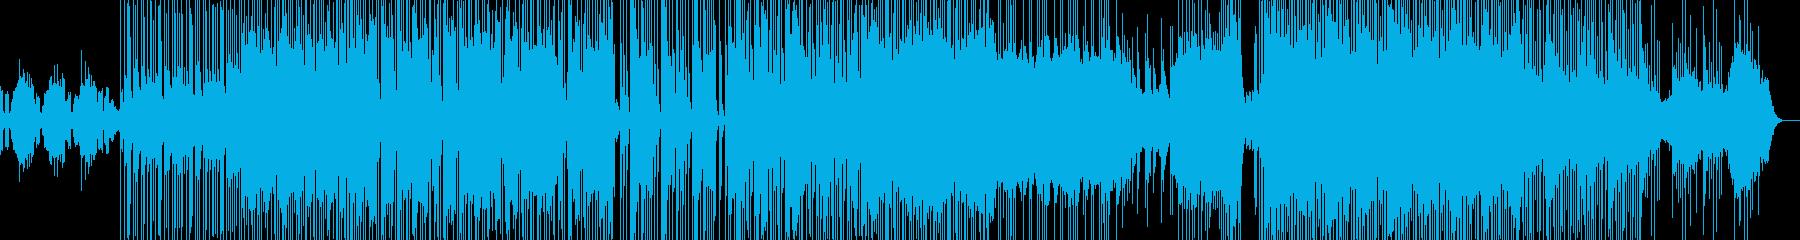 三味線デュオ 和風フュージョンの再生済みの波形